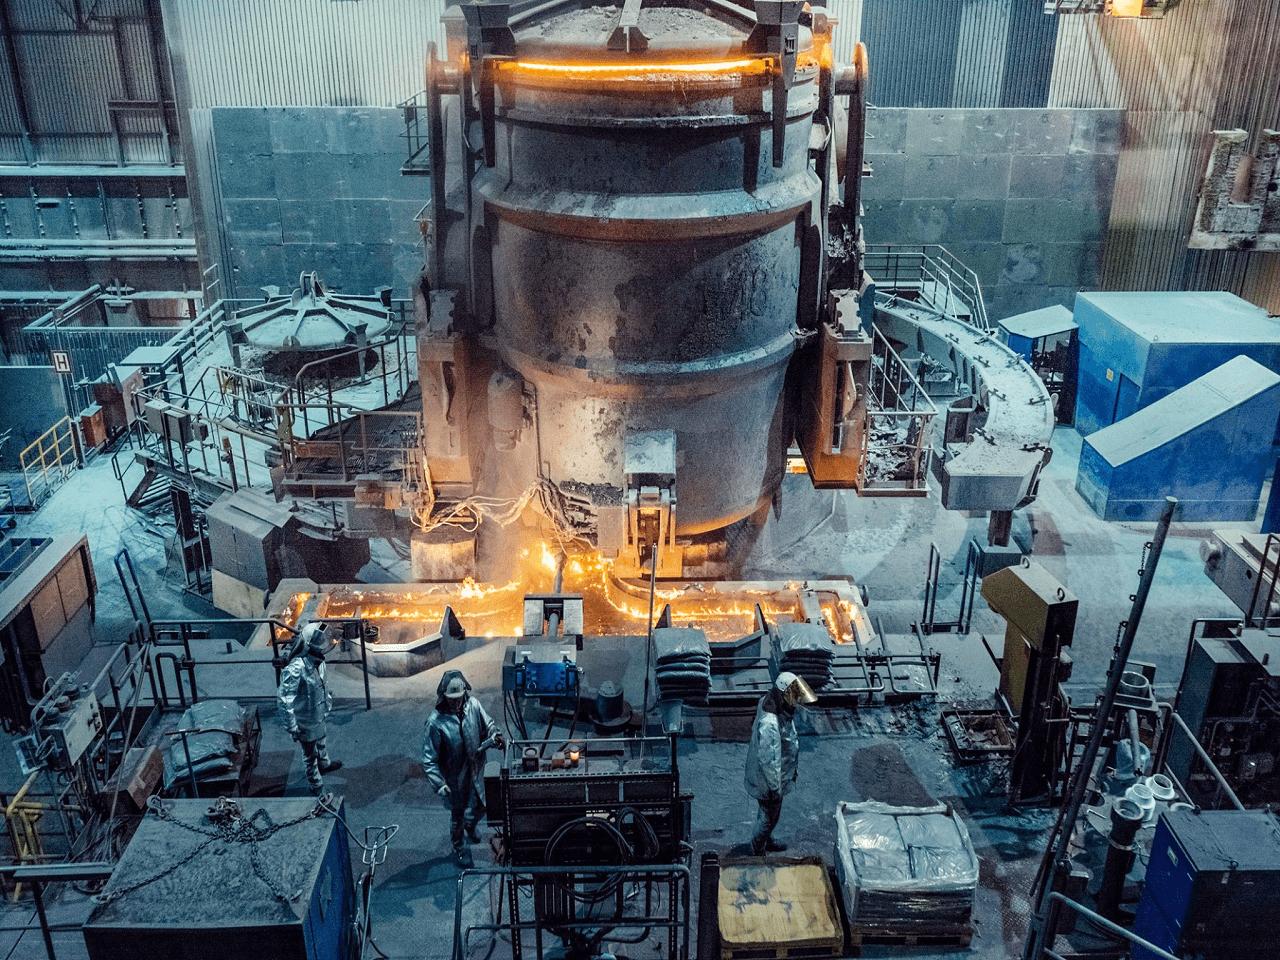 Avrupa Birliği Demir-Çelik İthalatına İlave Kısıtlama Getirmeye Hazırlanıyor